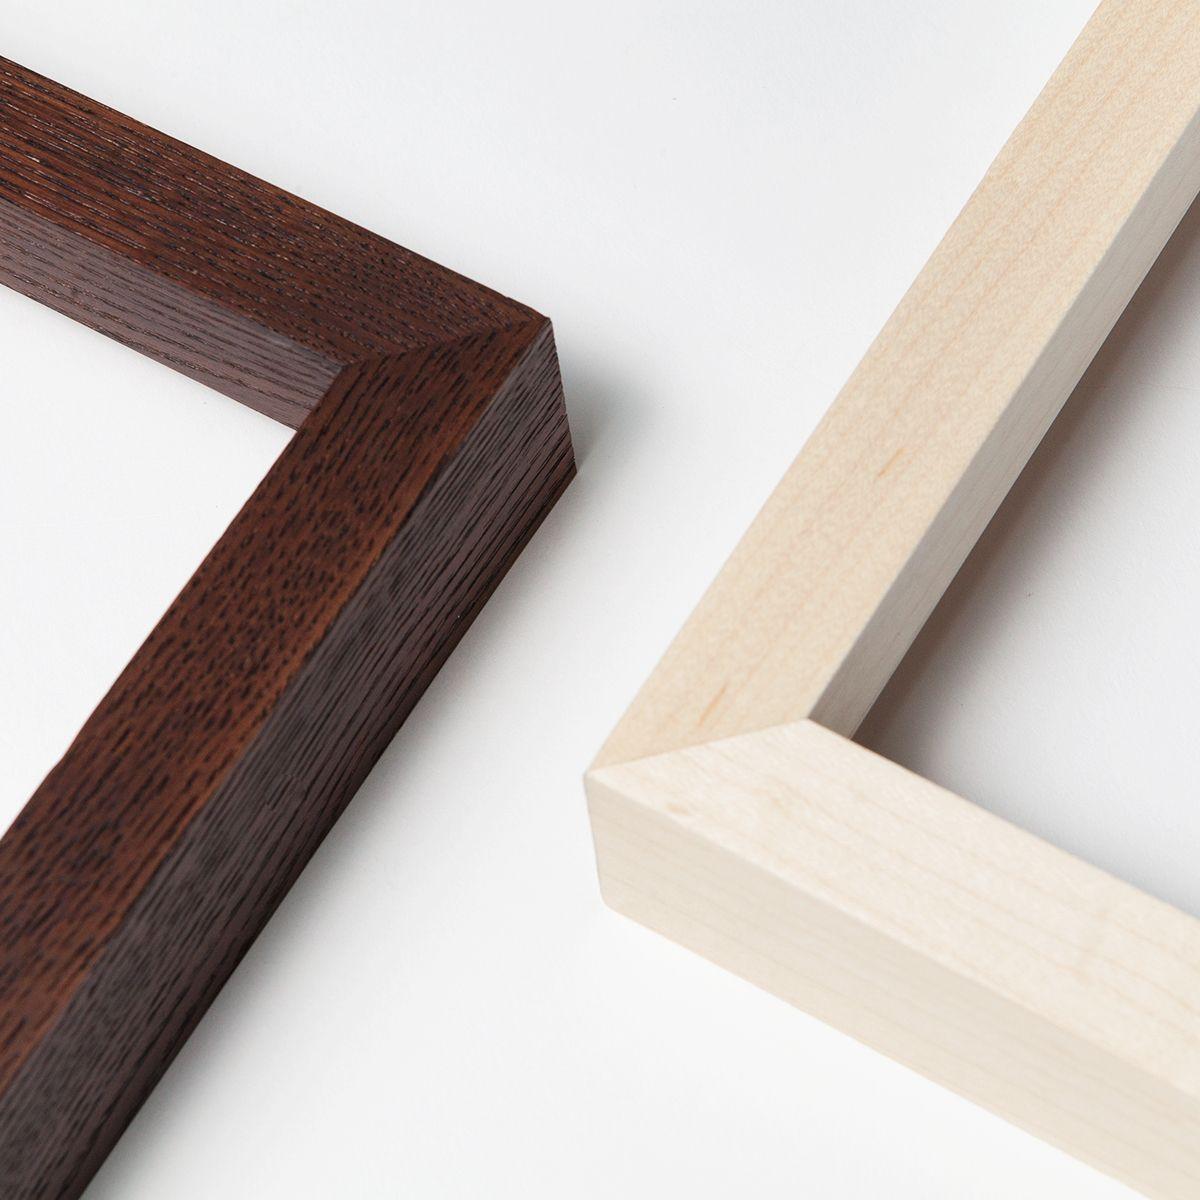 deepset-frame-main03-frame-finish-detail_2x.jpg